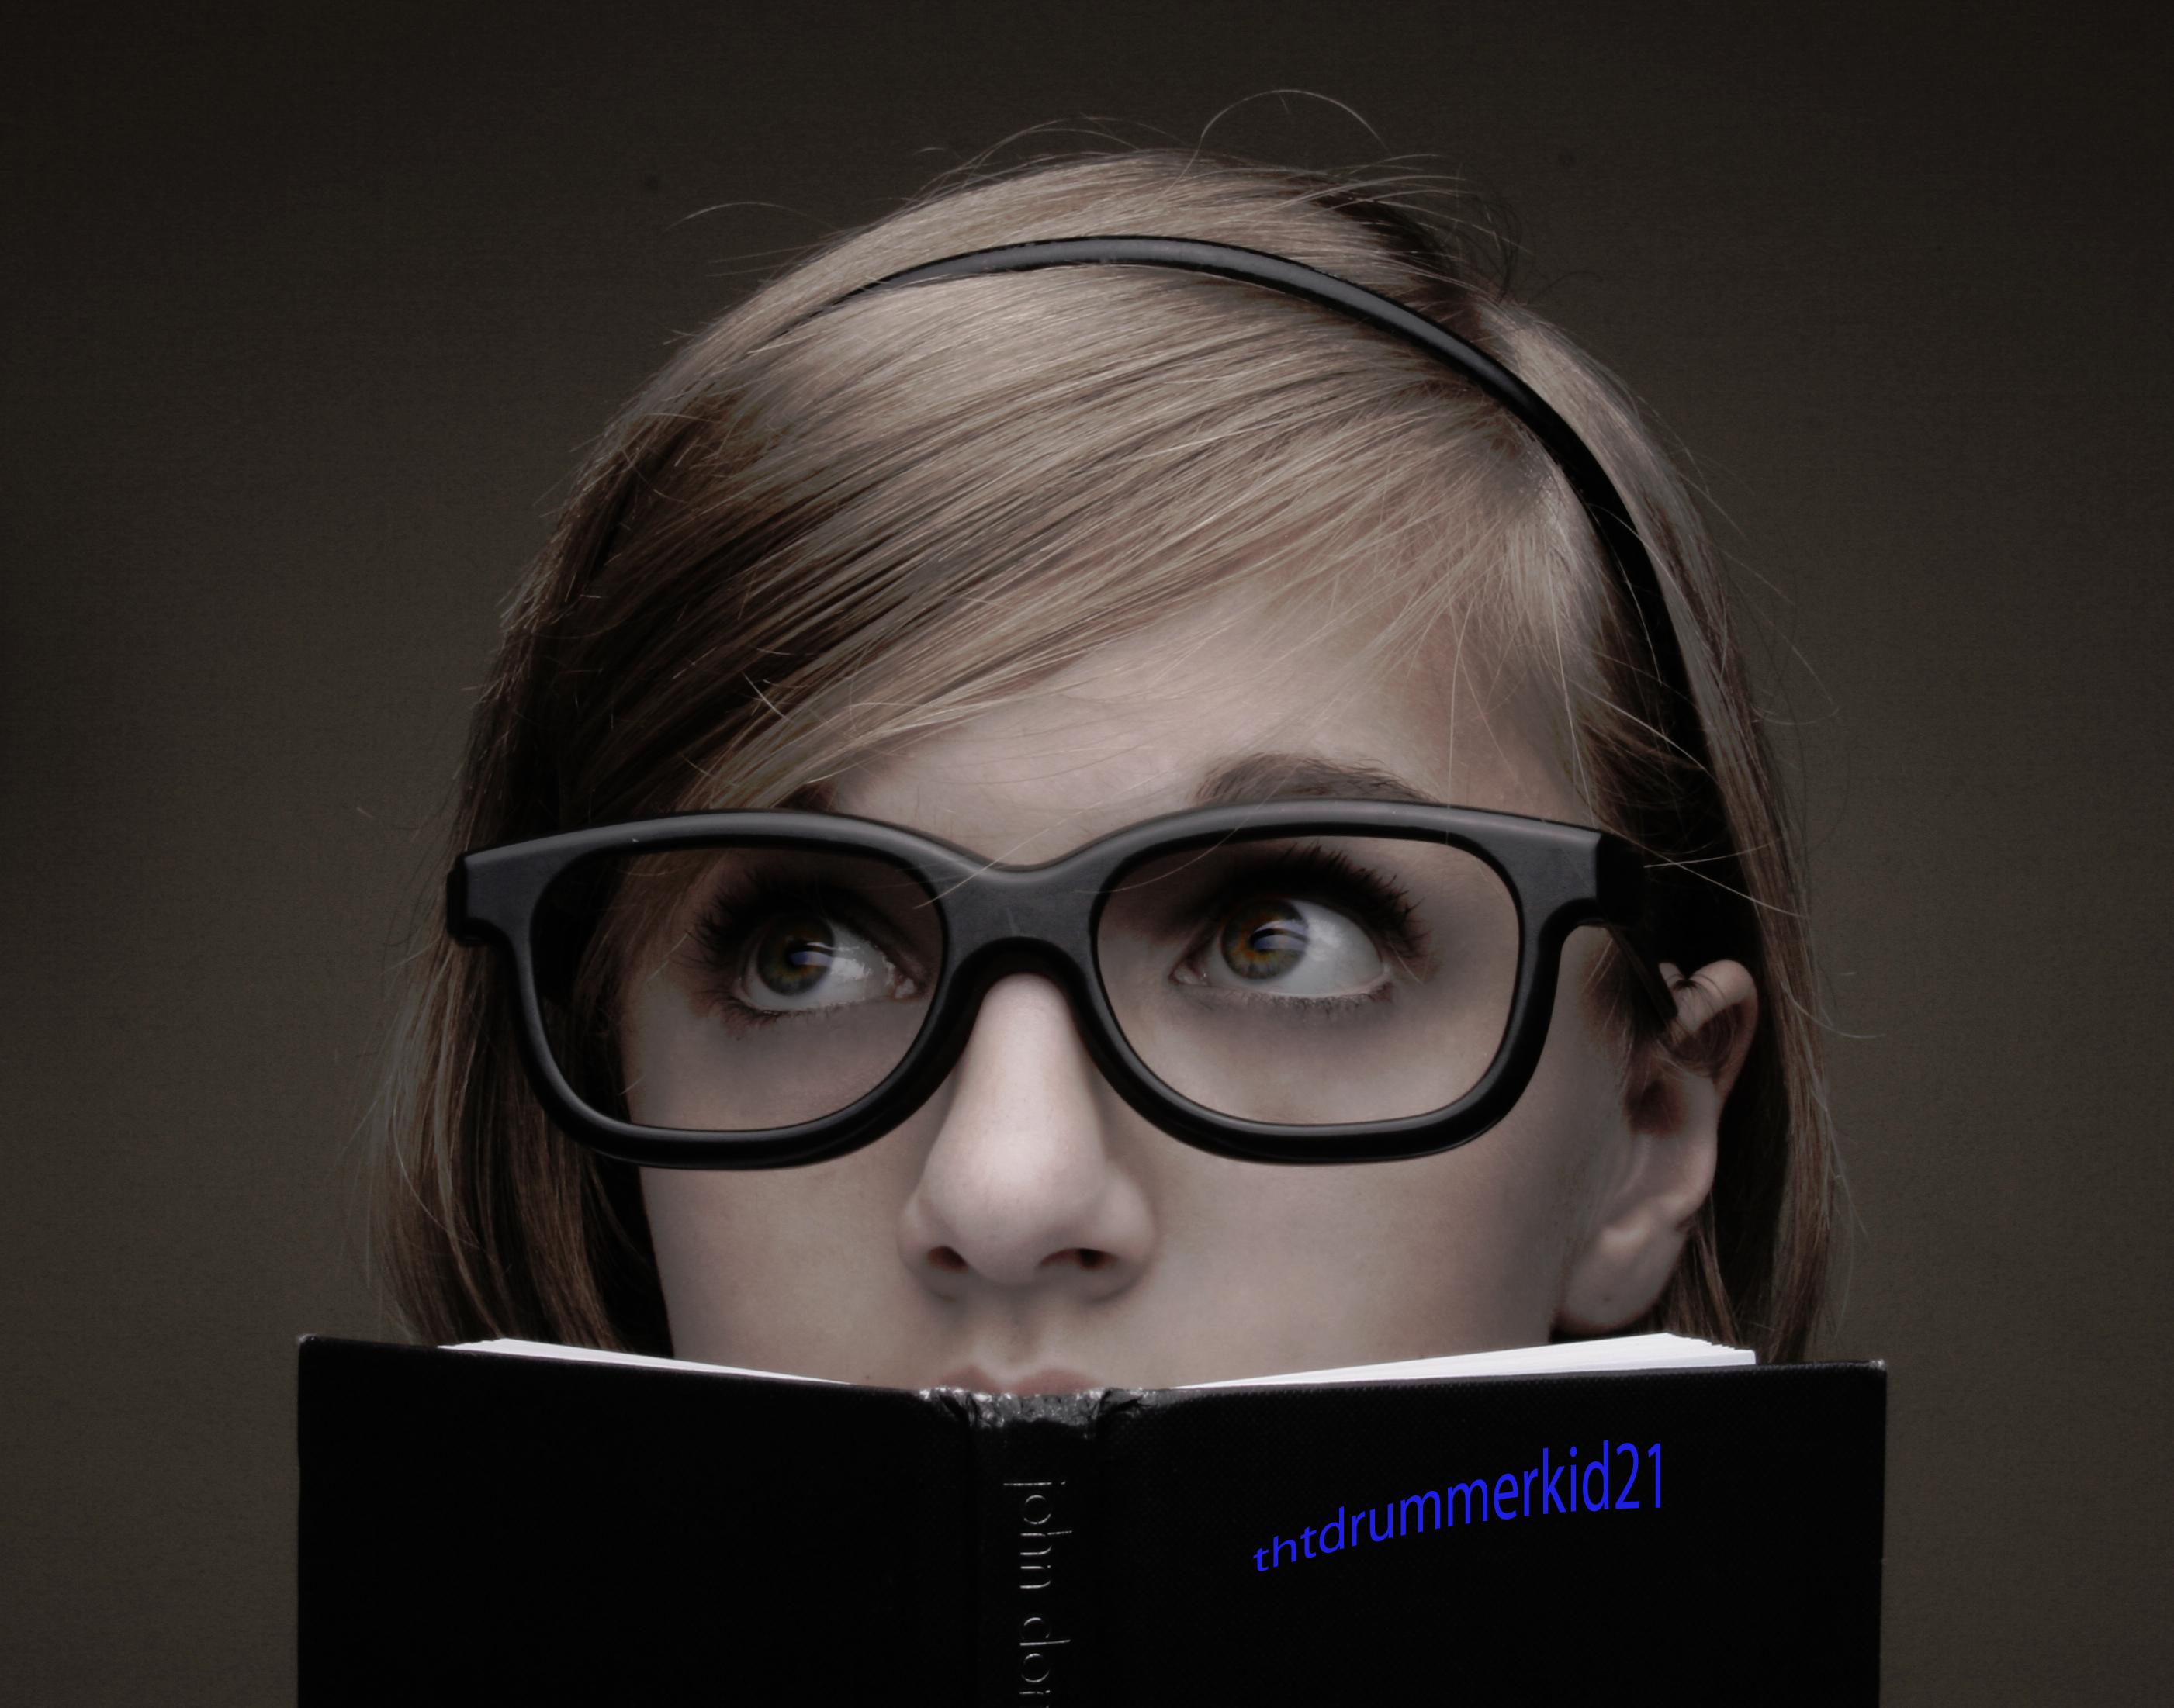 девушка, книга, голова, очки, глаза.